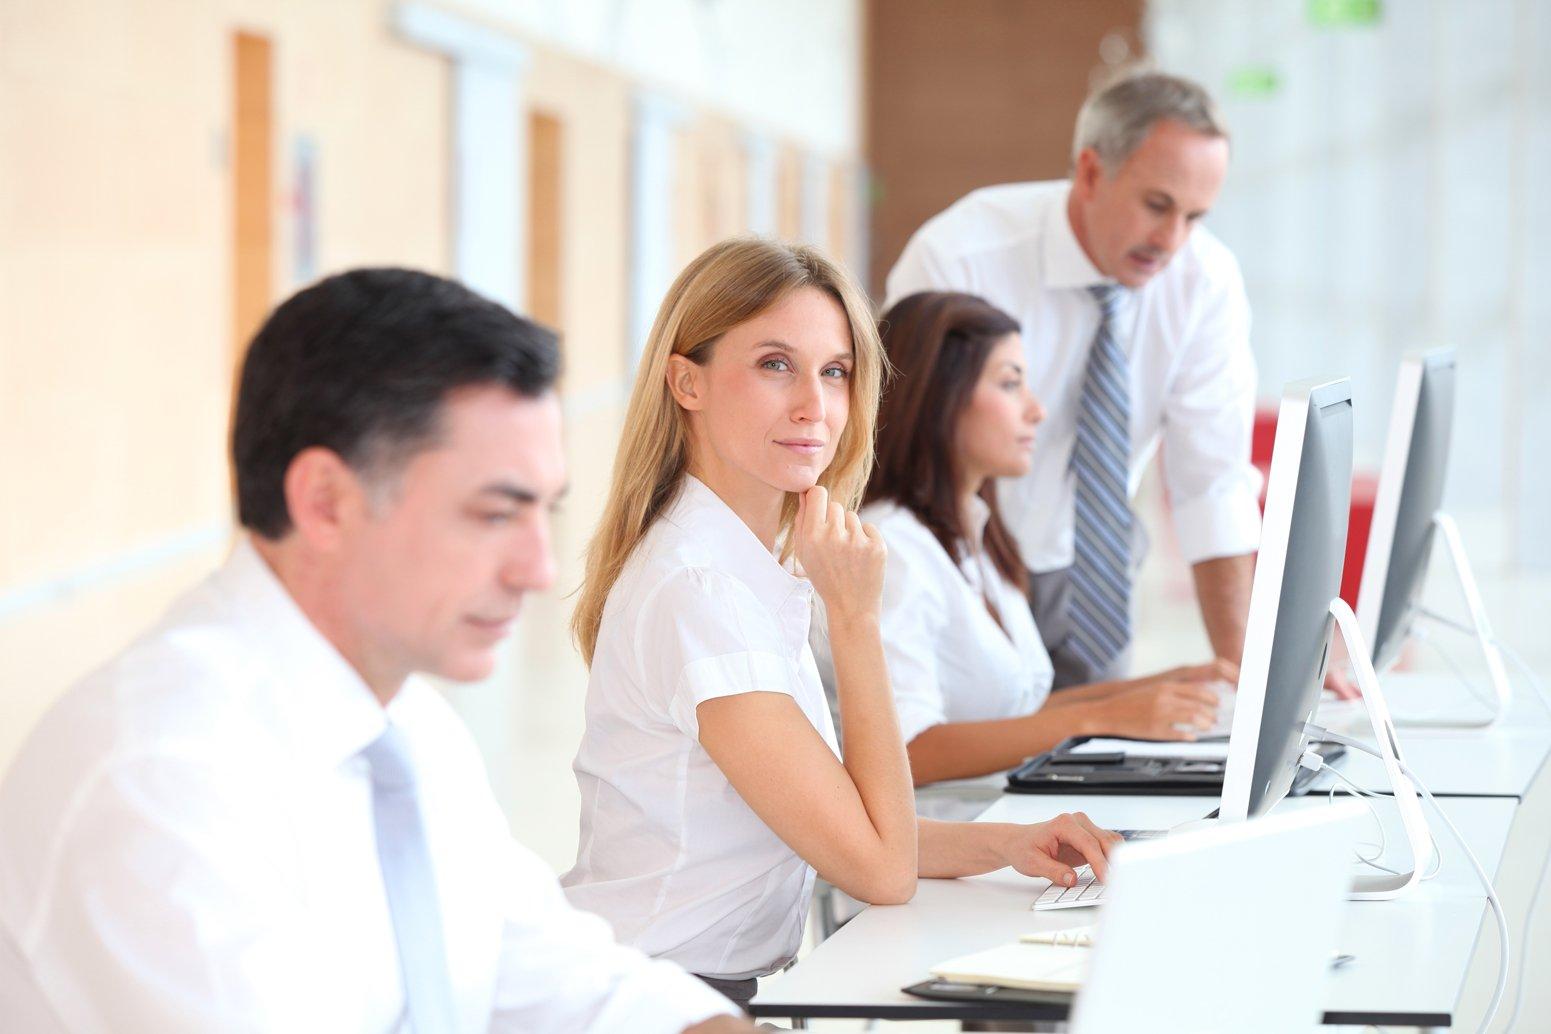 Mitarbeiter bei Schulung am PC